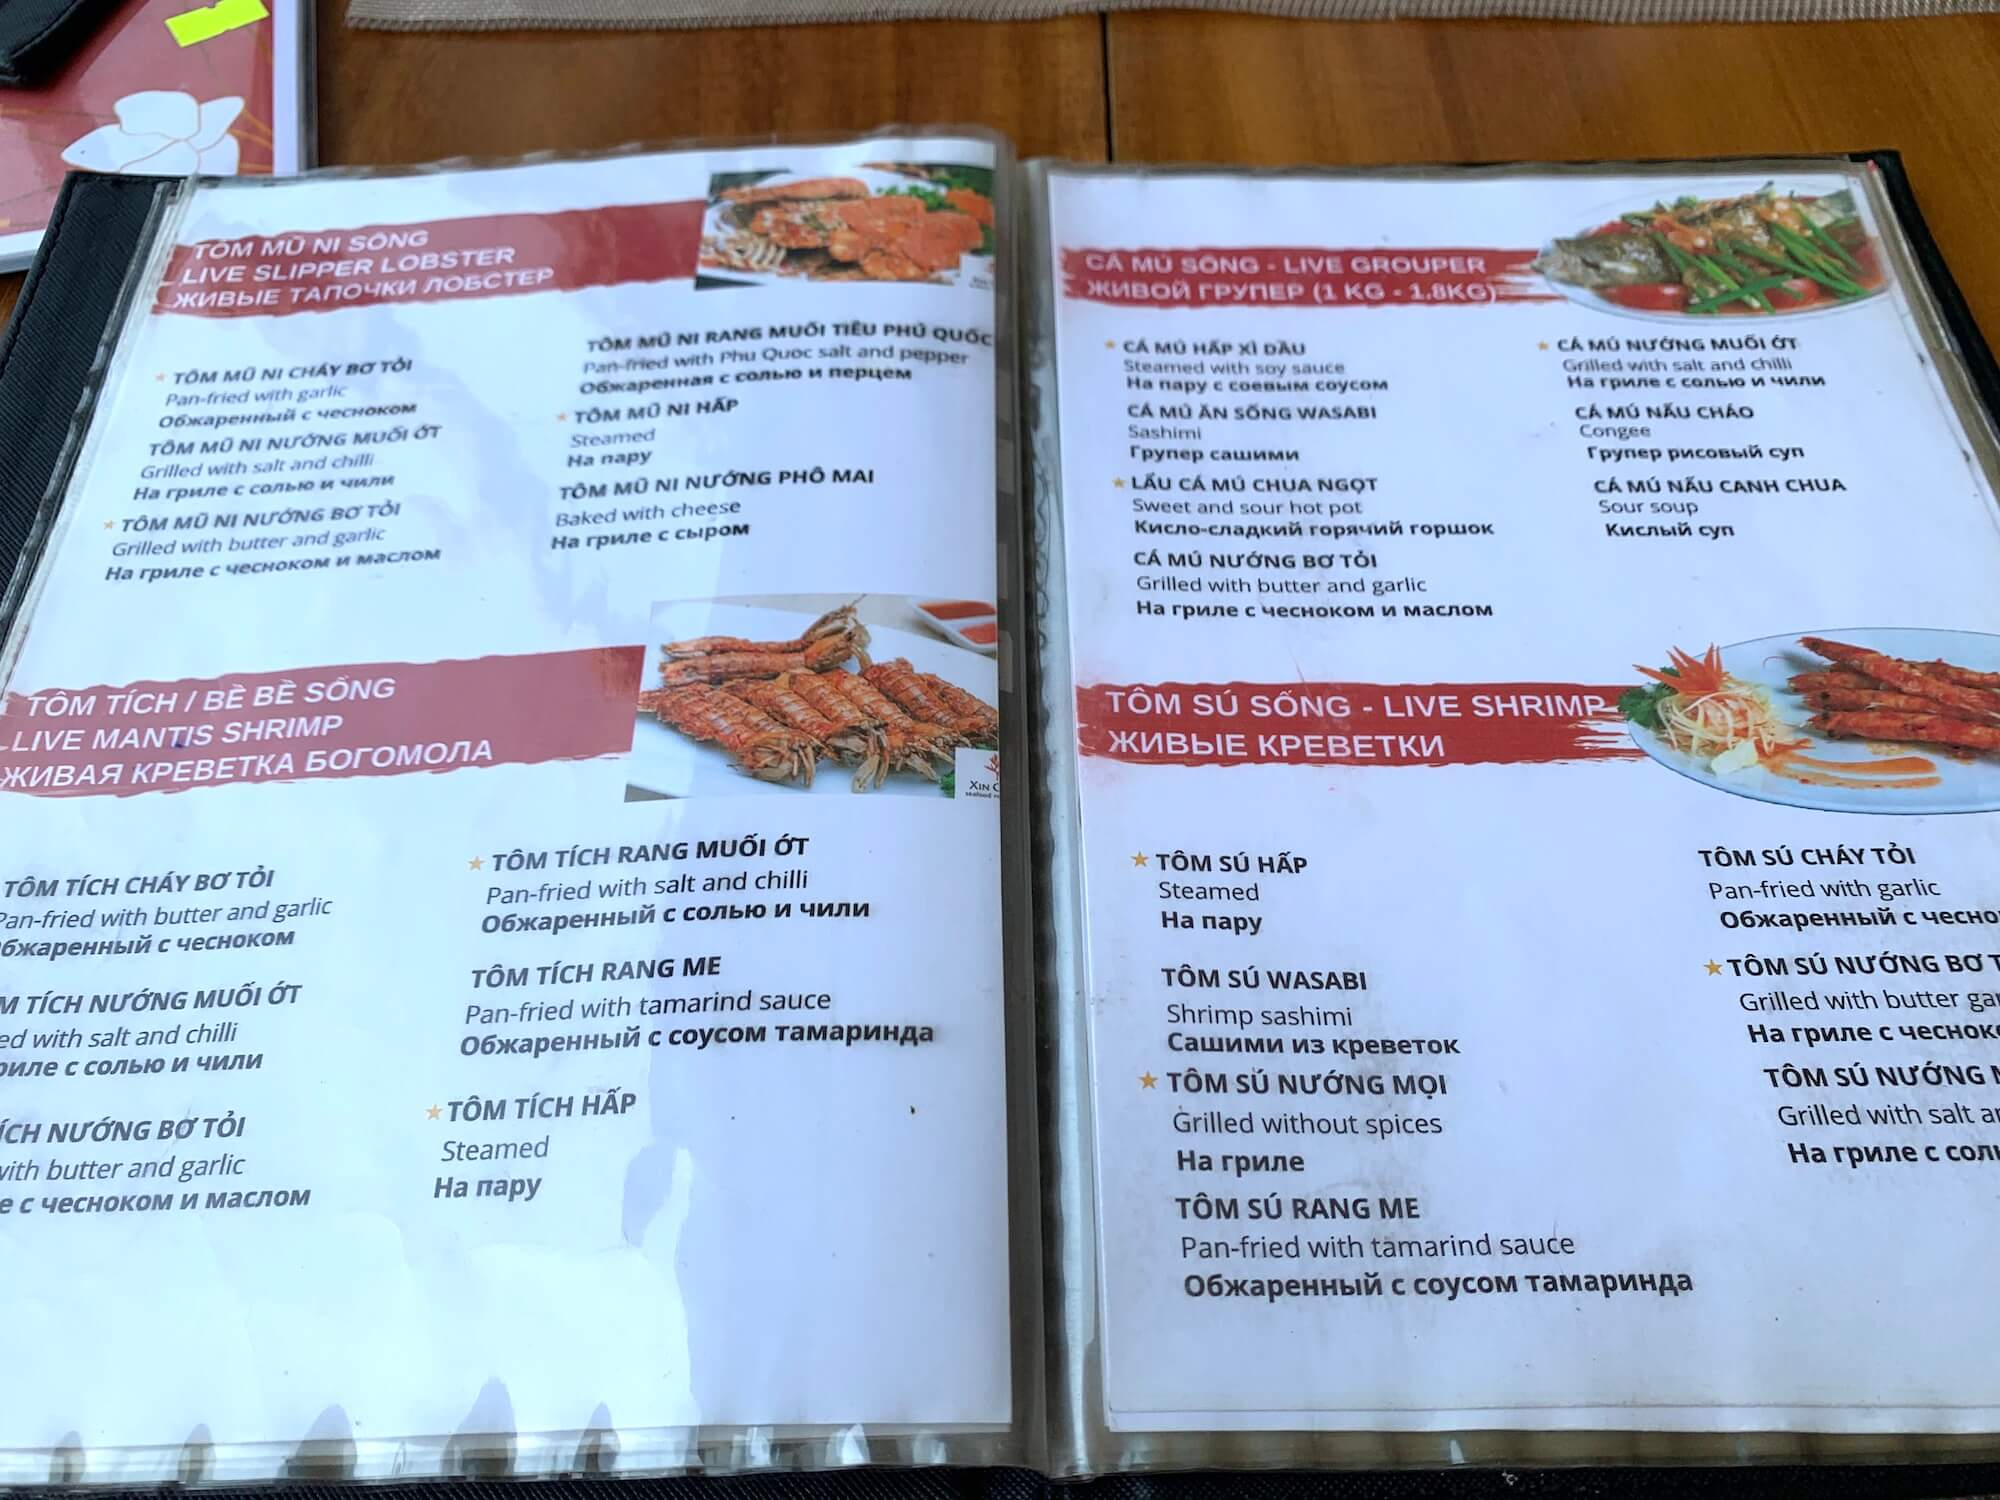 フーコックのシンチャオ・レストランに実際に行ってきた!